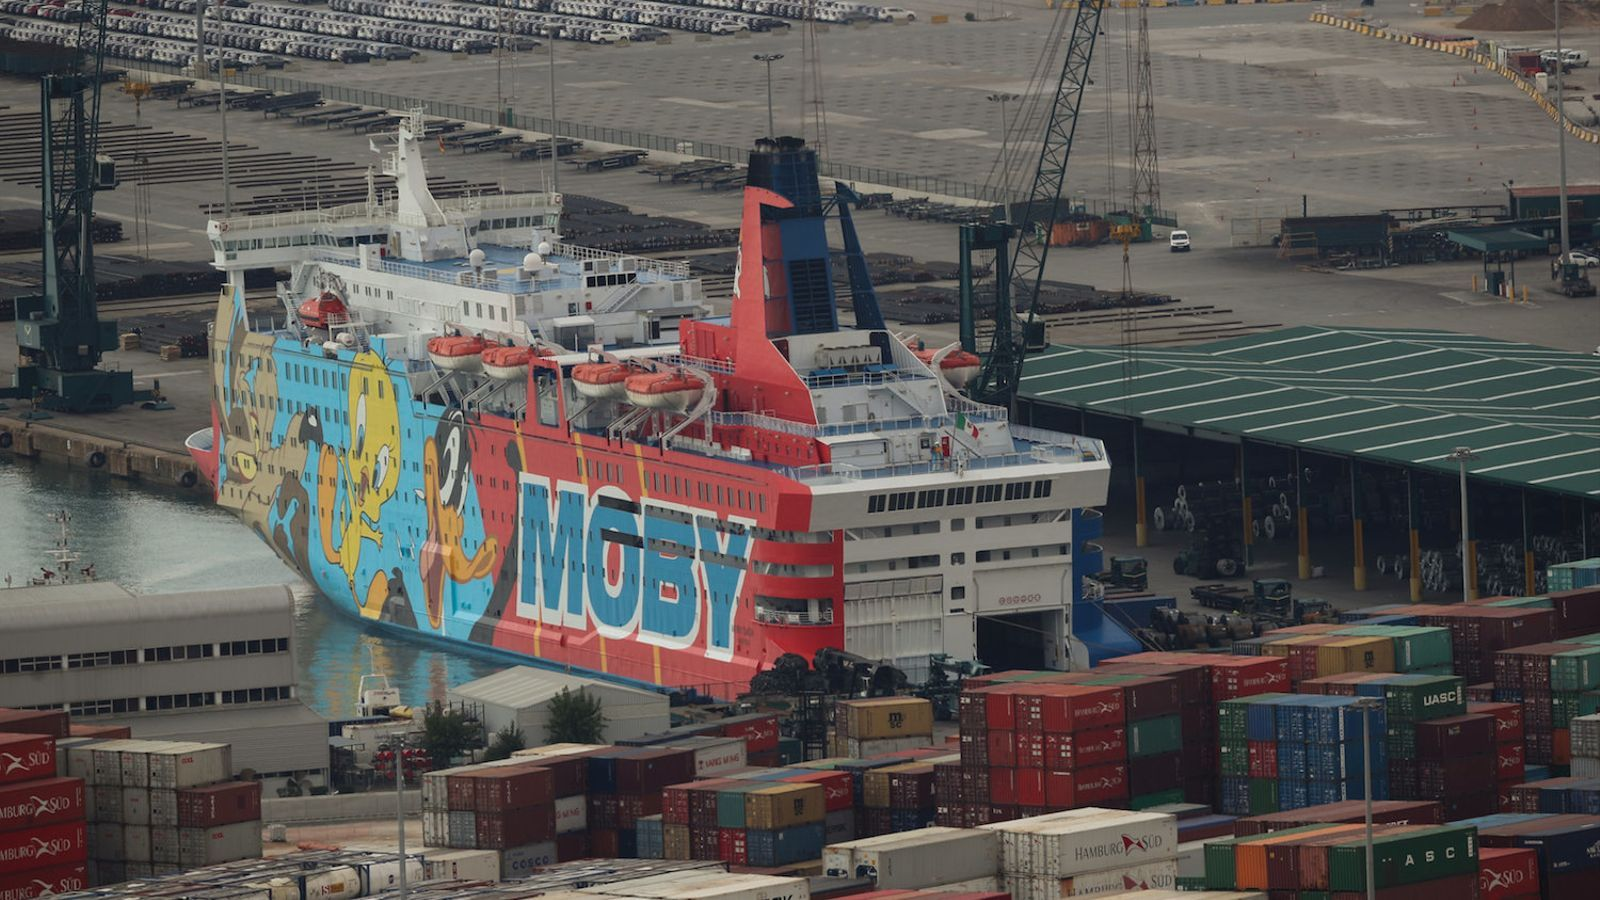 Els vaixells policials allarguen l'estada a Catalunya fins al 2 de novembre